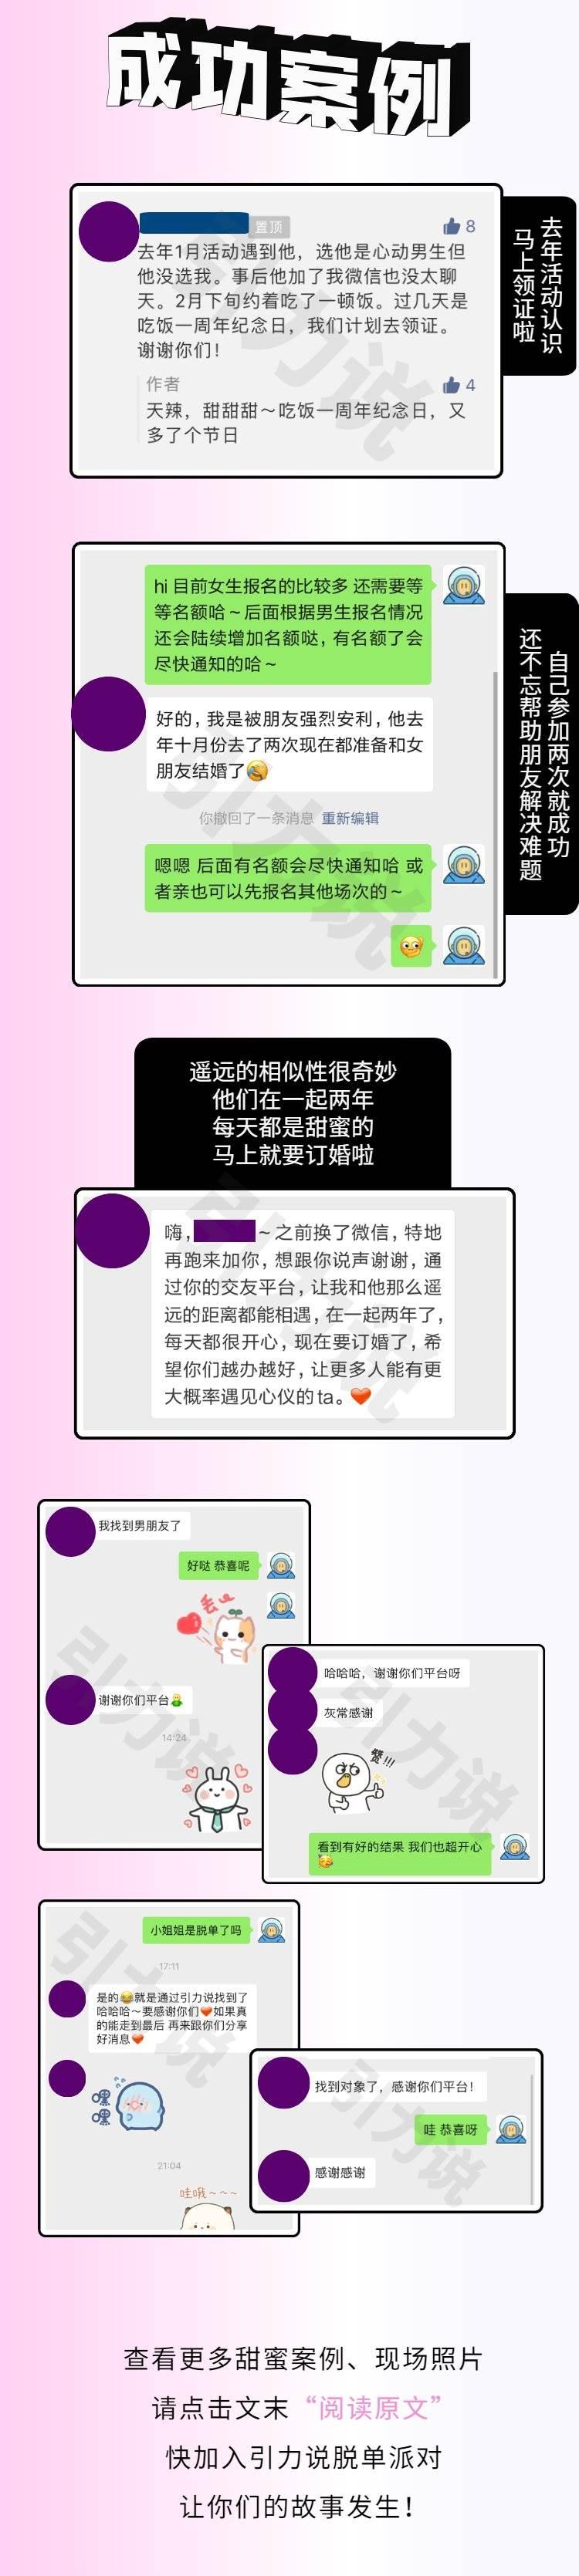 12.19_杭州-12.png